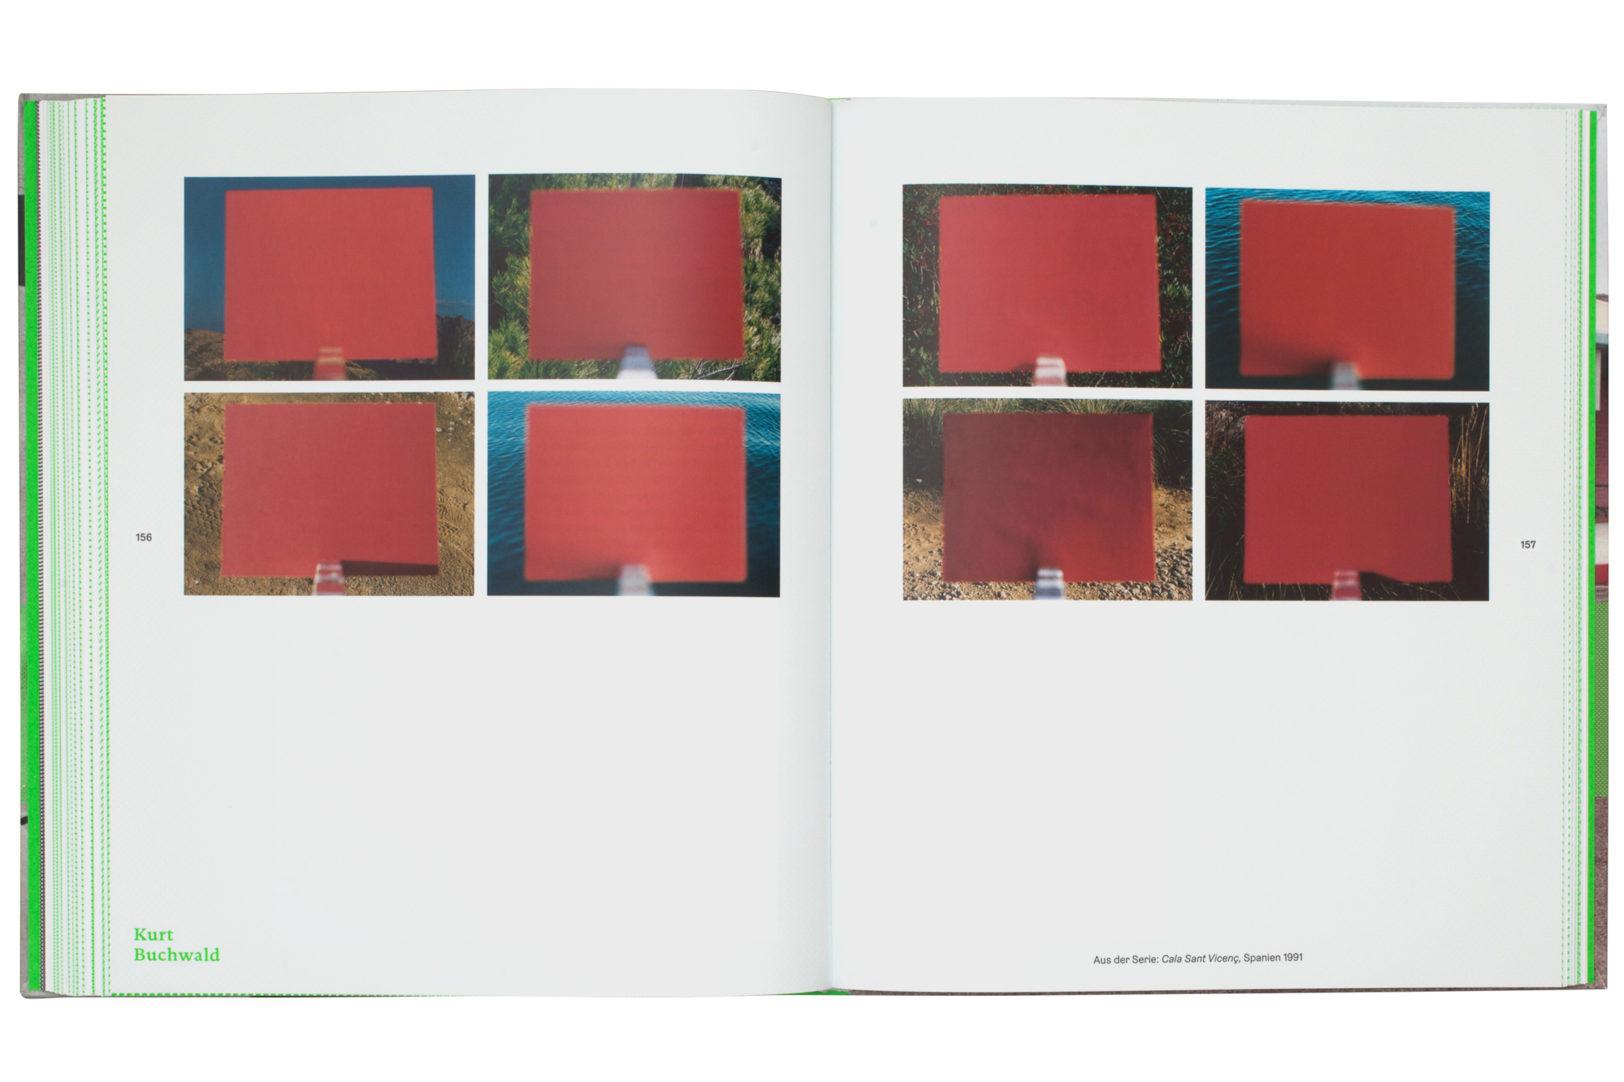 http://e-o-t.de/wordpress/wp-content/uploads/2017/12/eot-2017-FotografierteFerne-Book-14.jpg